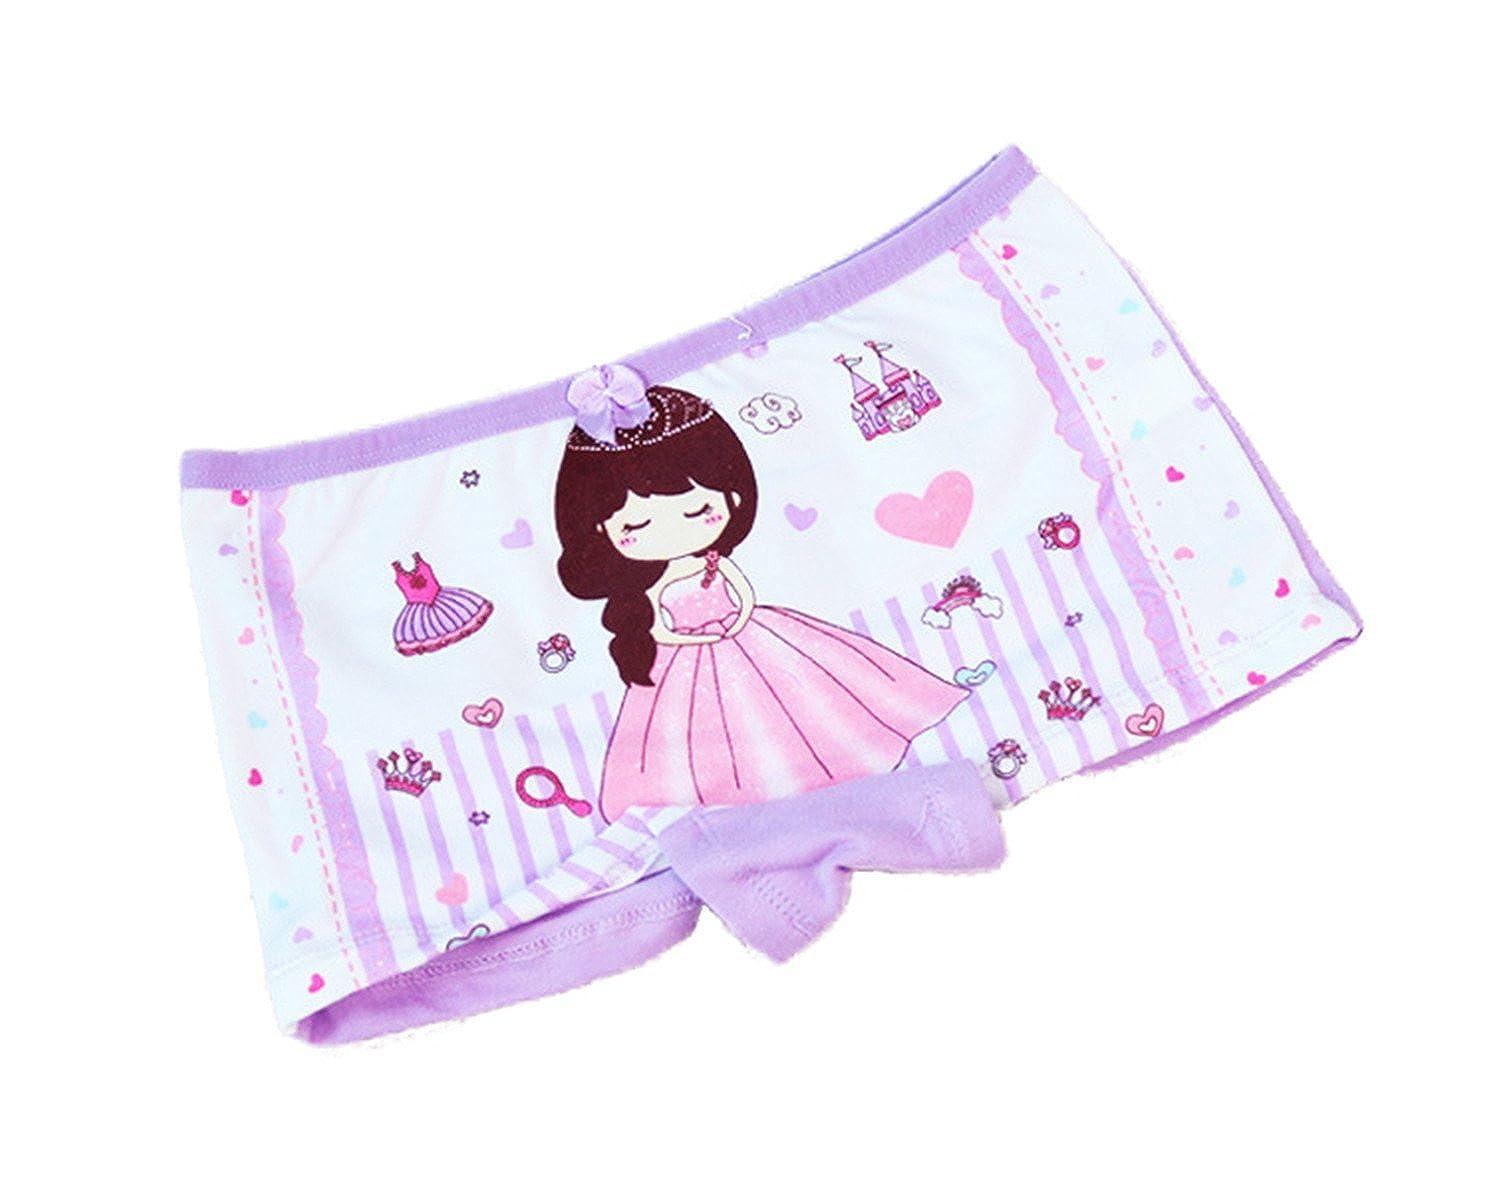 FAIRYRAIN 4 Packung Baby Kleinkind M/ädchen Princess Girl Pantys Hipster Shorts Spitze Baumwollunterhosen Unterw/äsche